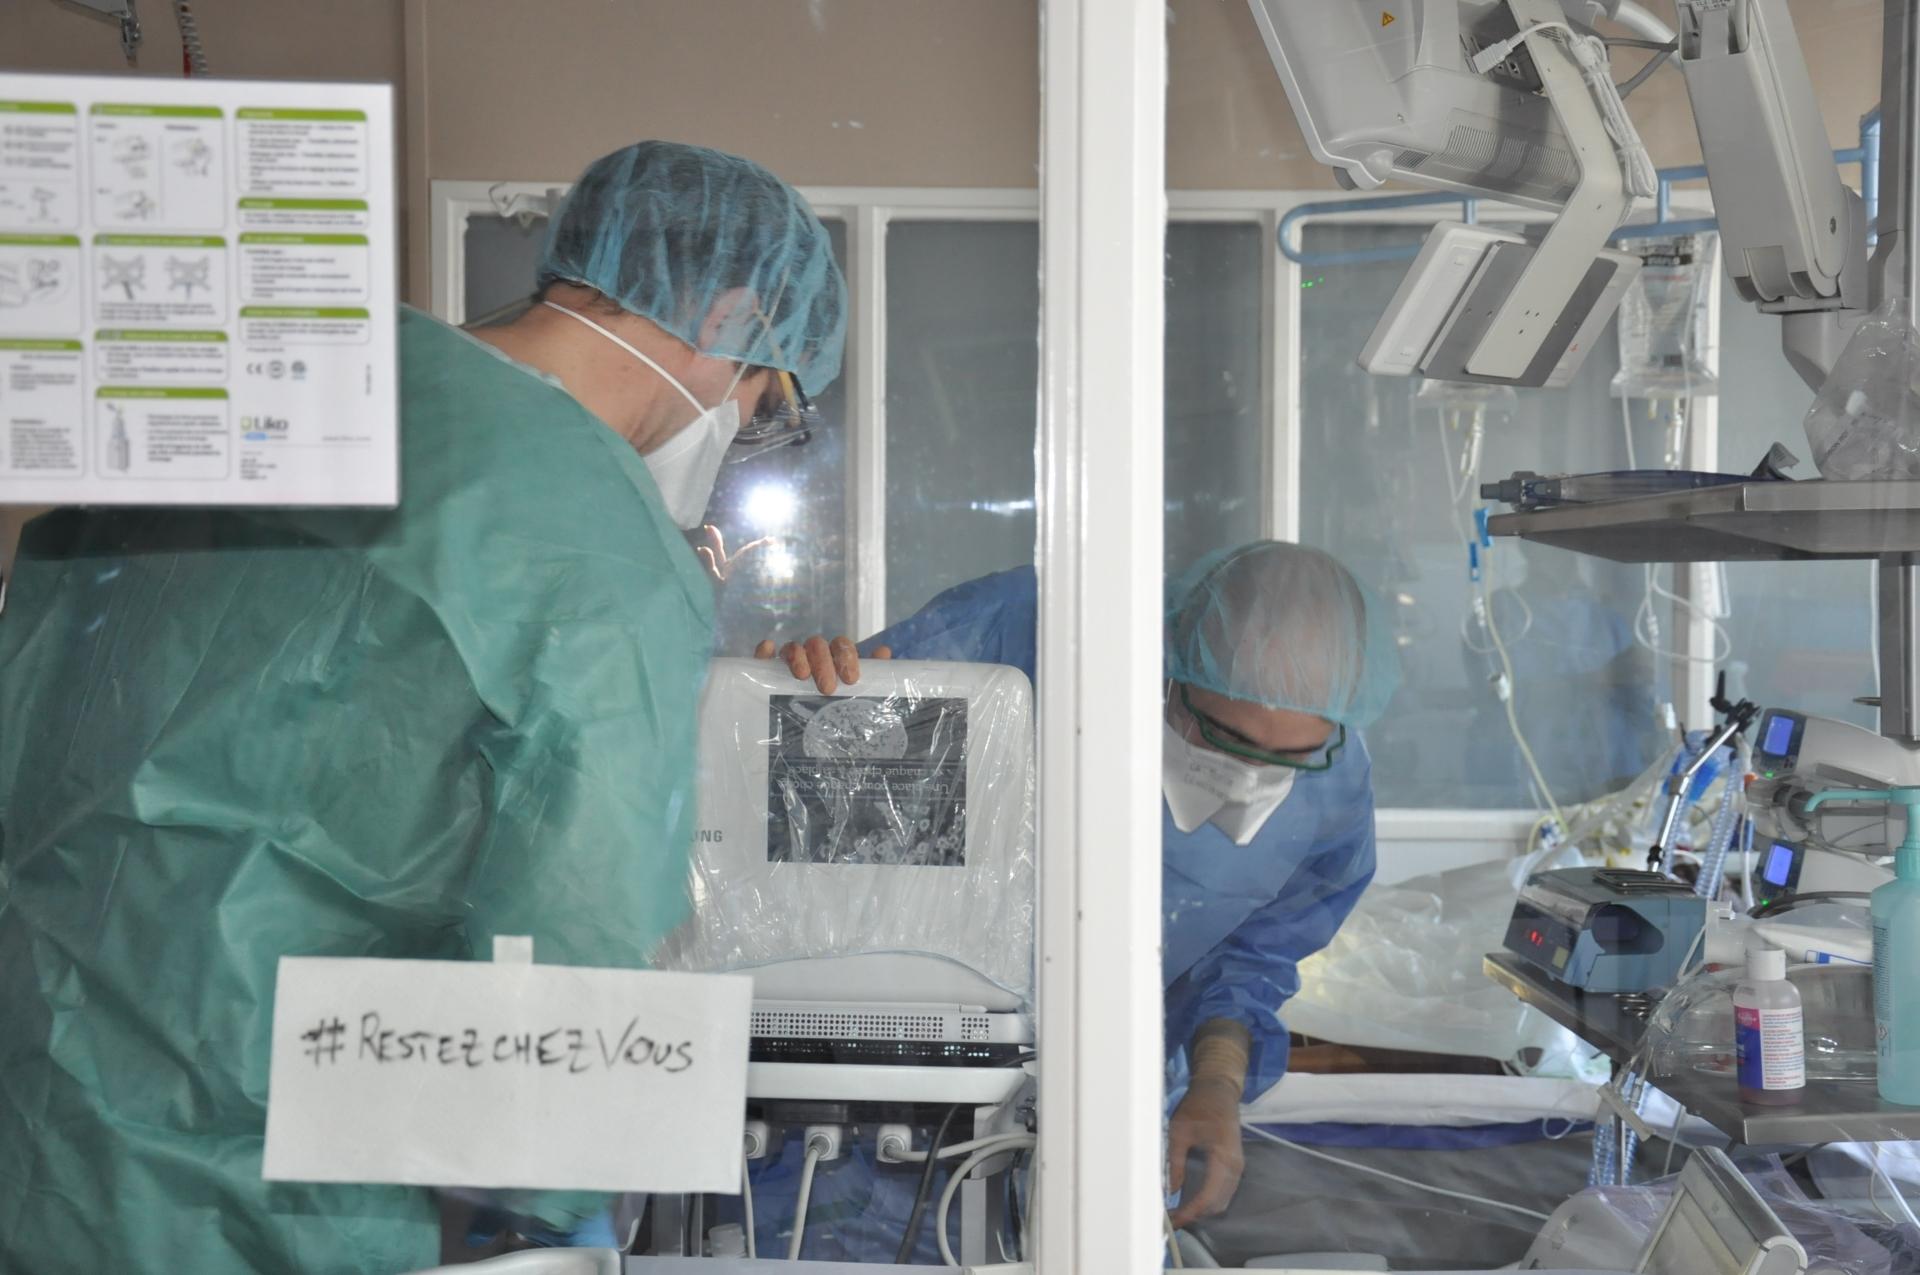 L'hôpital anticipe la phase épidémique du Covid 19